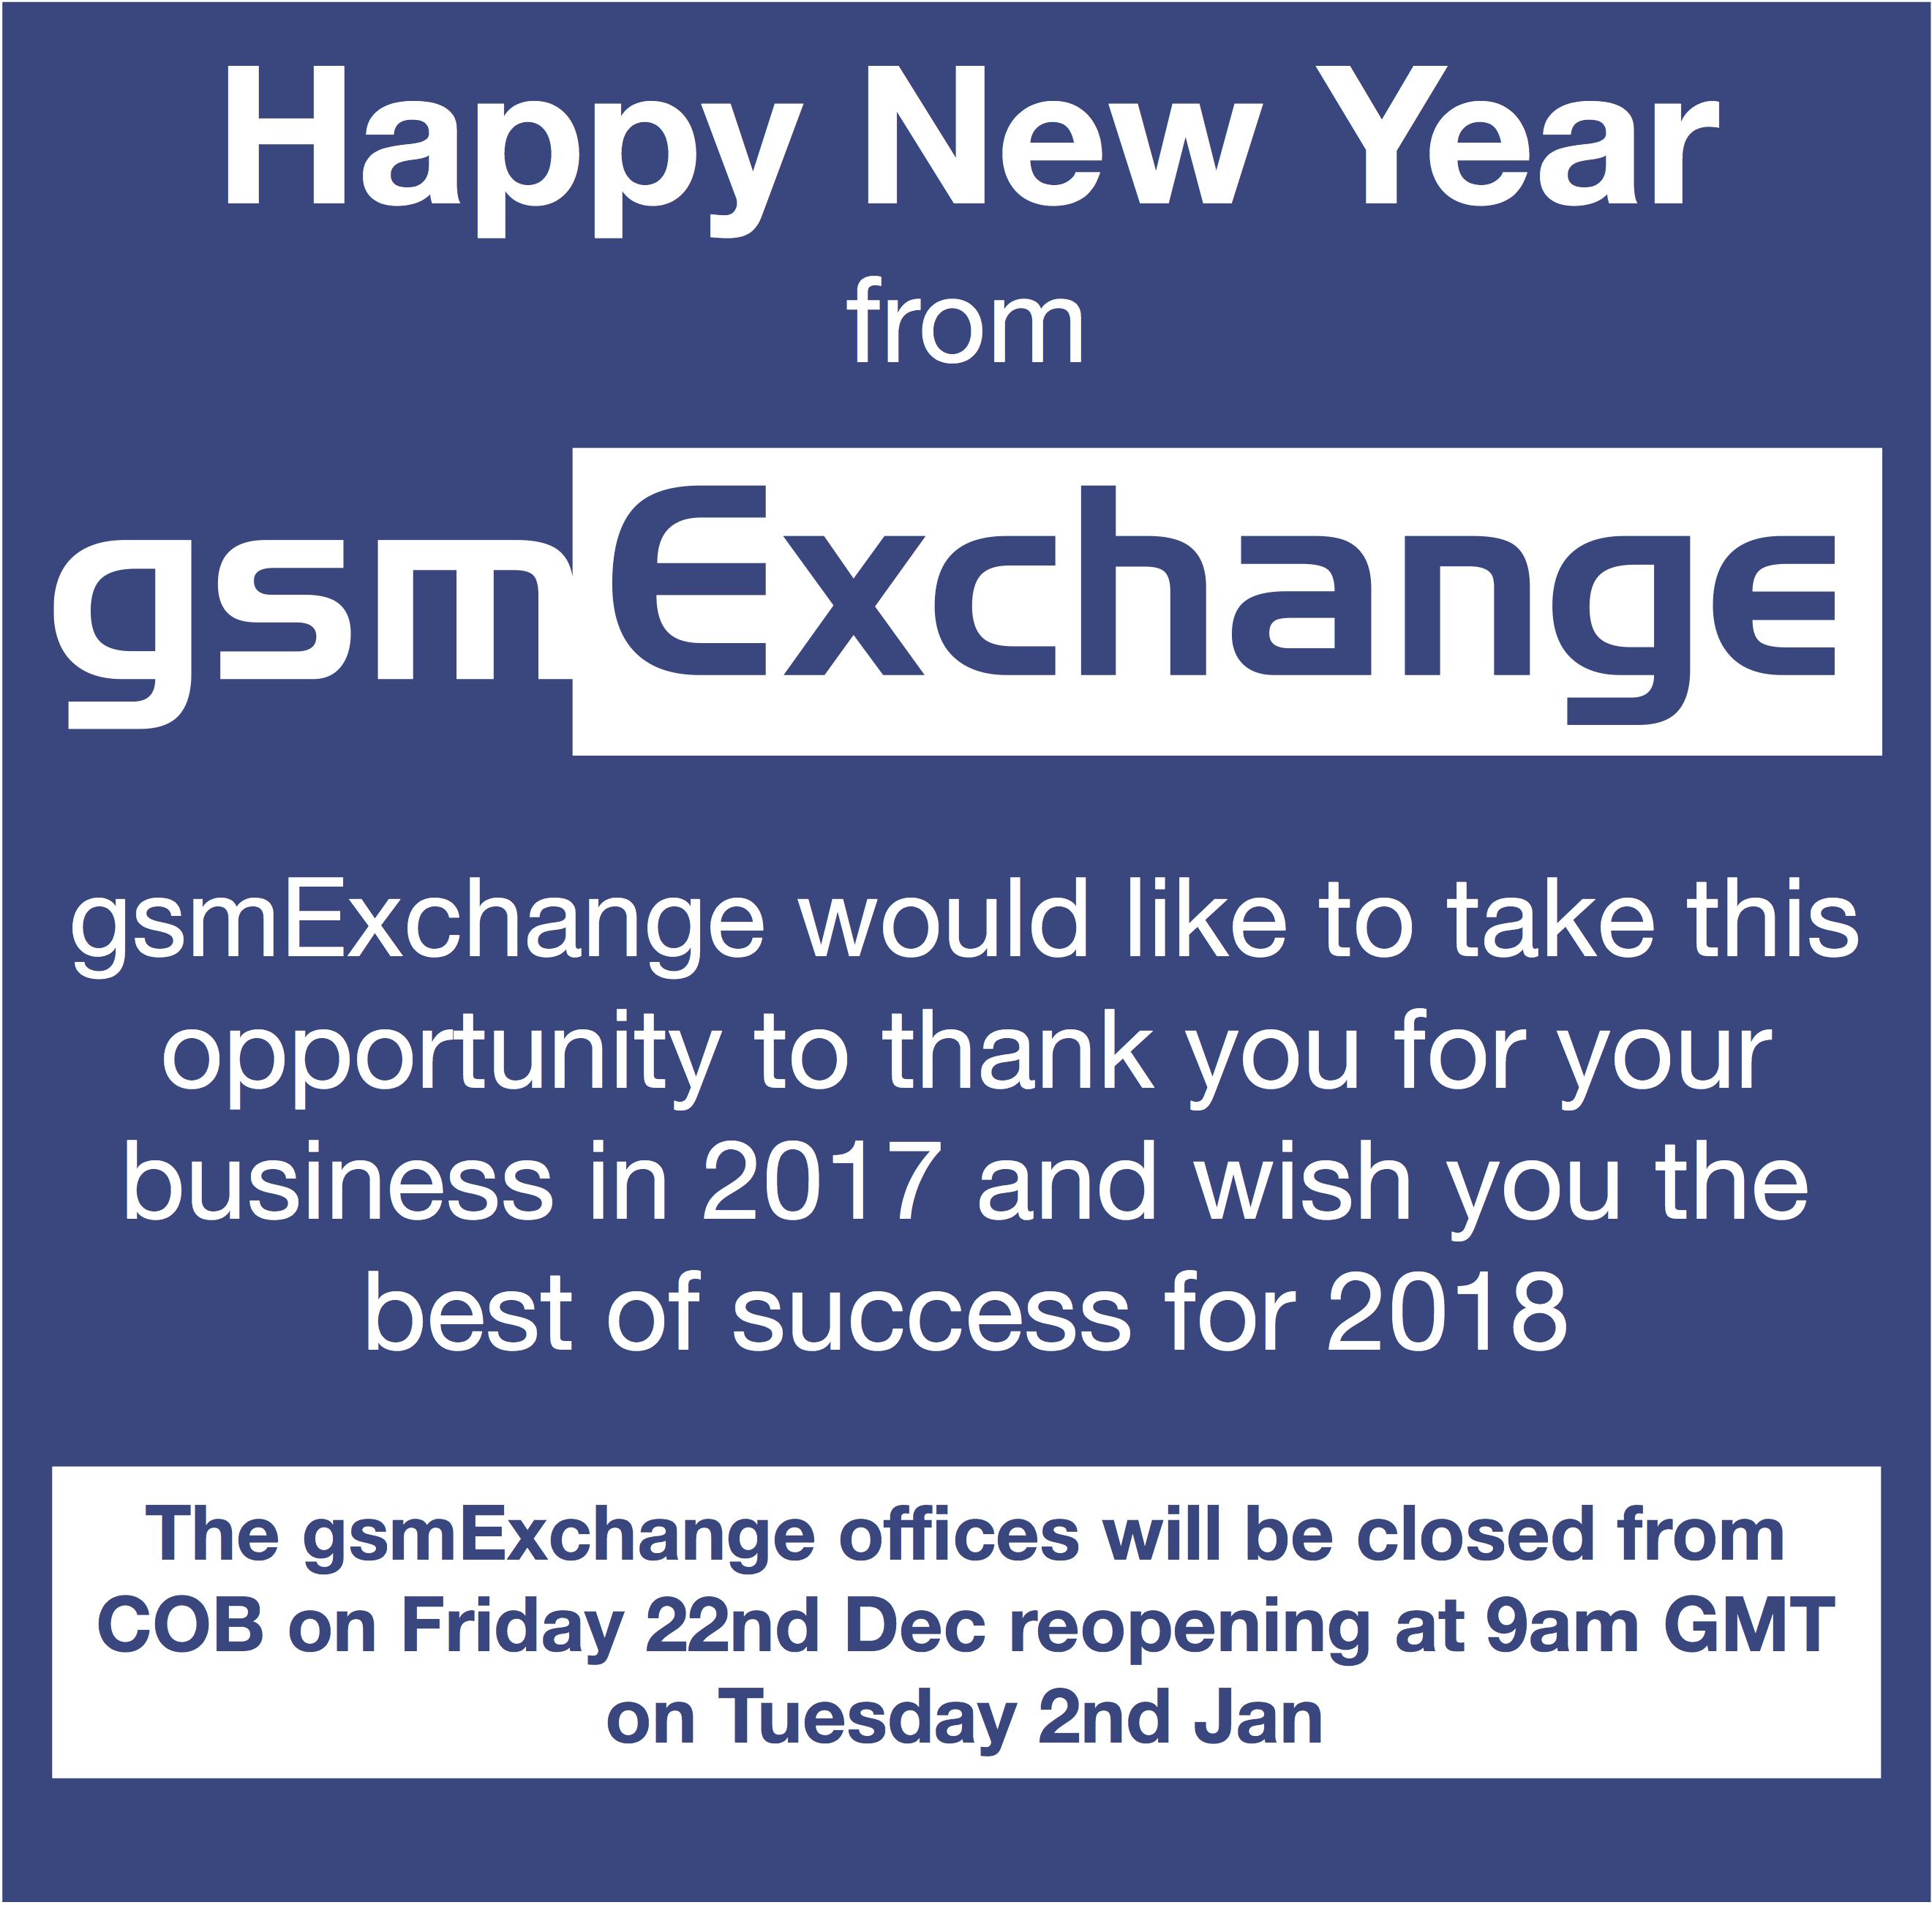 gsmExchange updates - gsmExchange